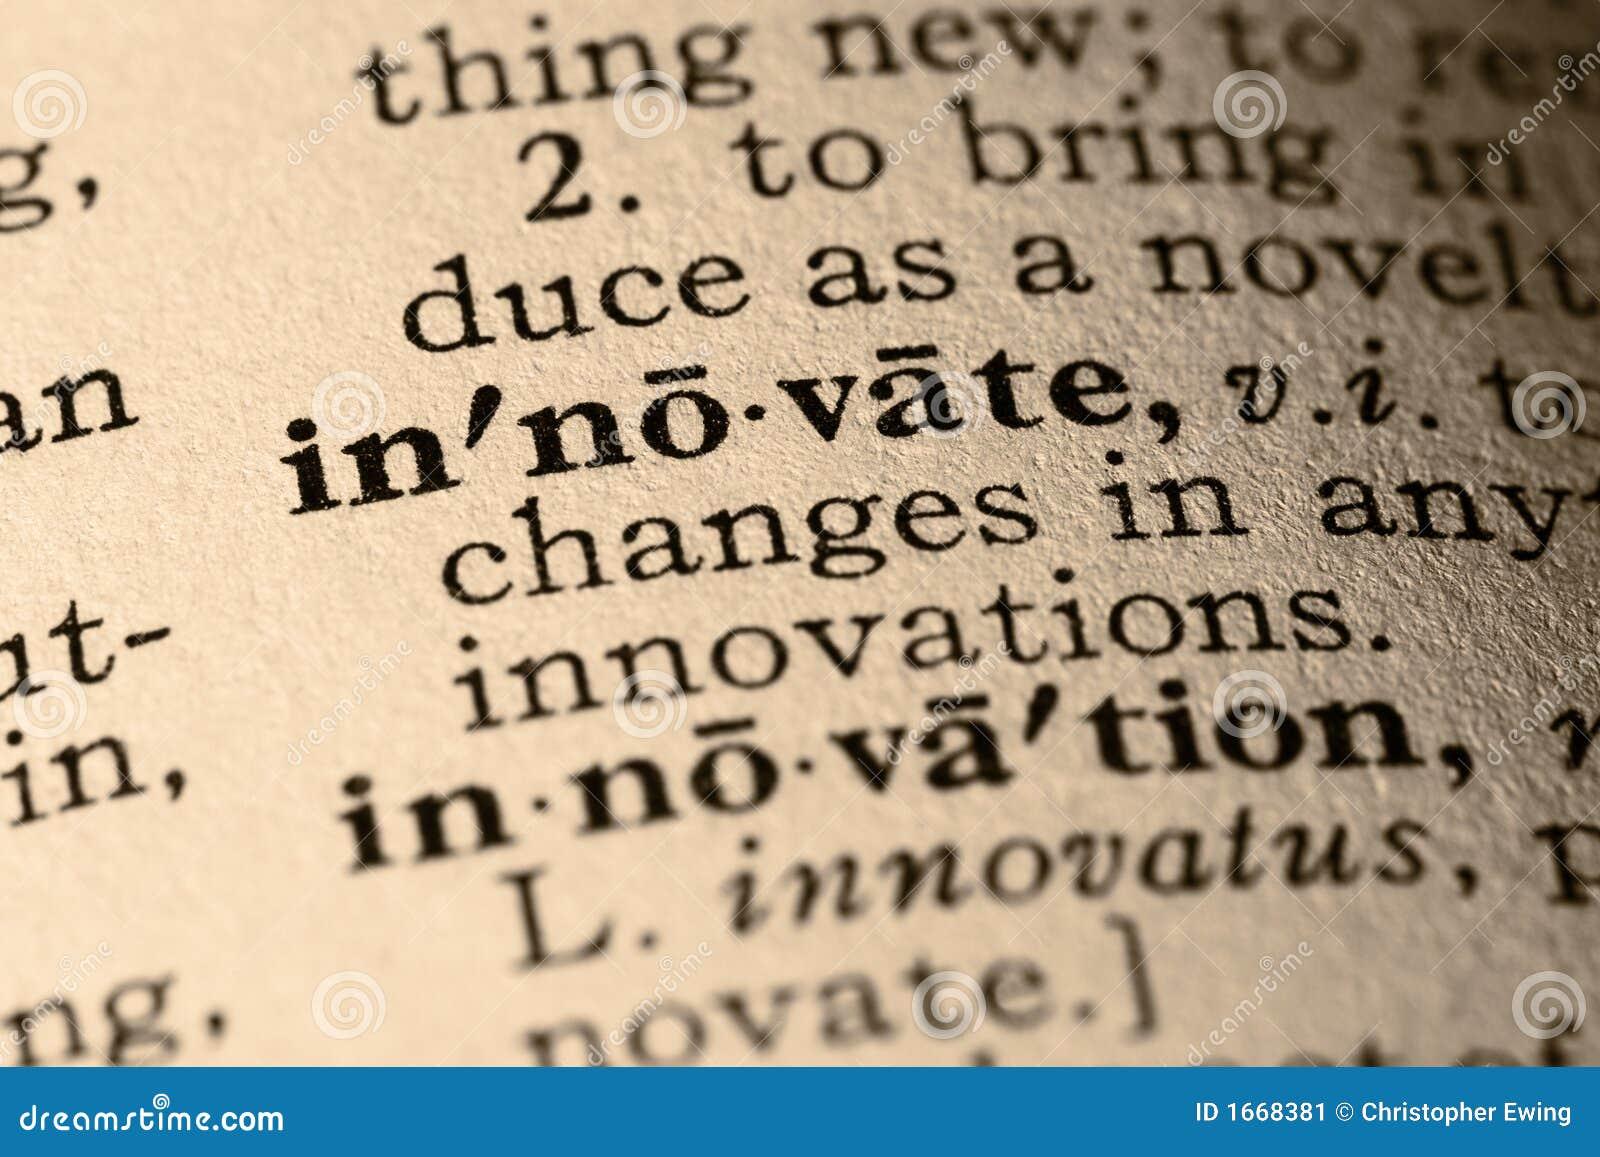 Wprowadza innowacje słowo